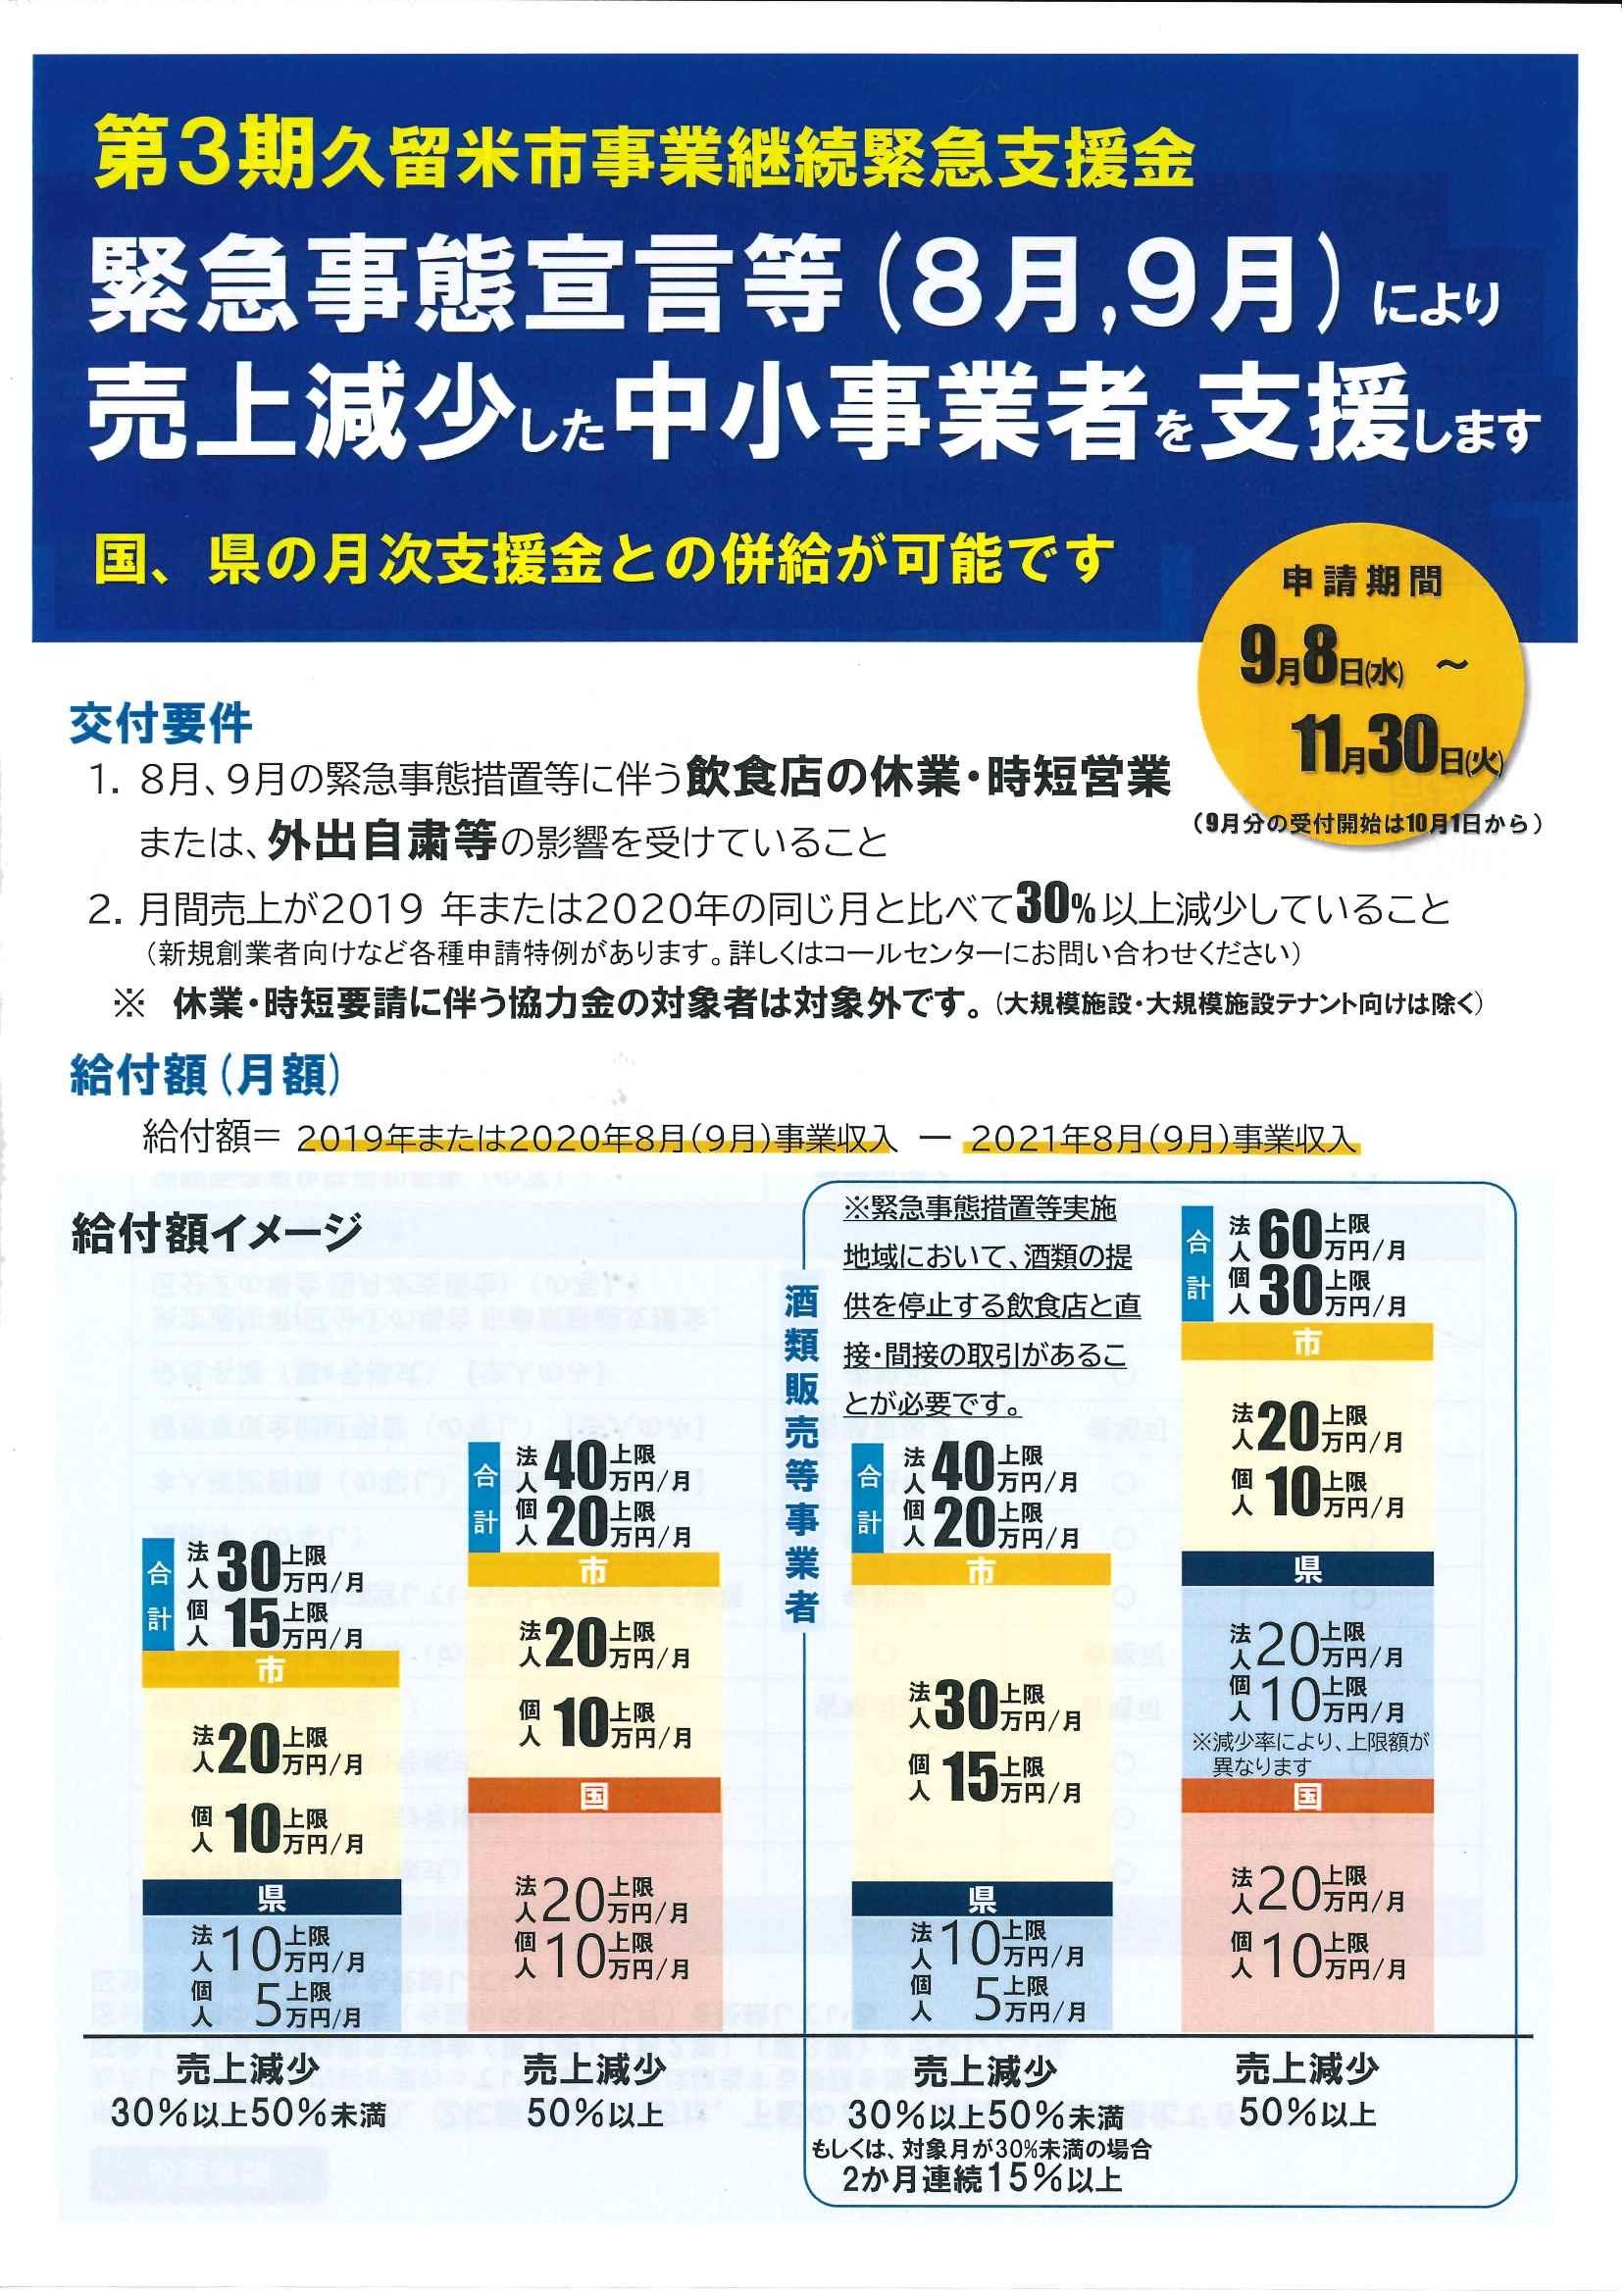 【久留米市】事業者向け支援制度のご案内_f0120774_10164827.jpg